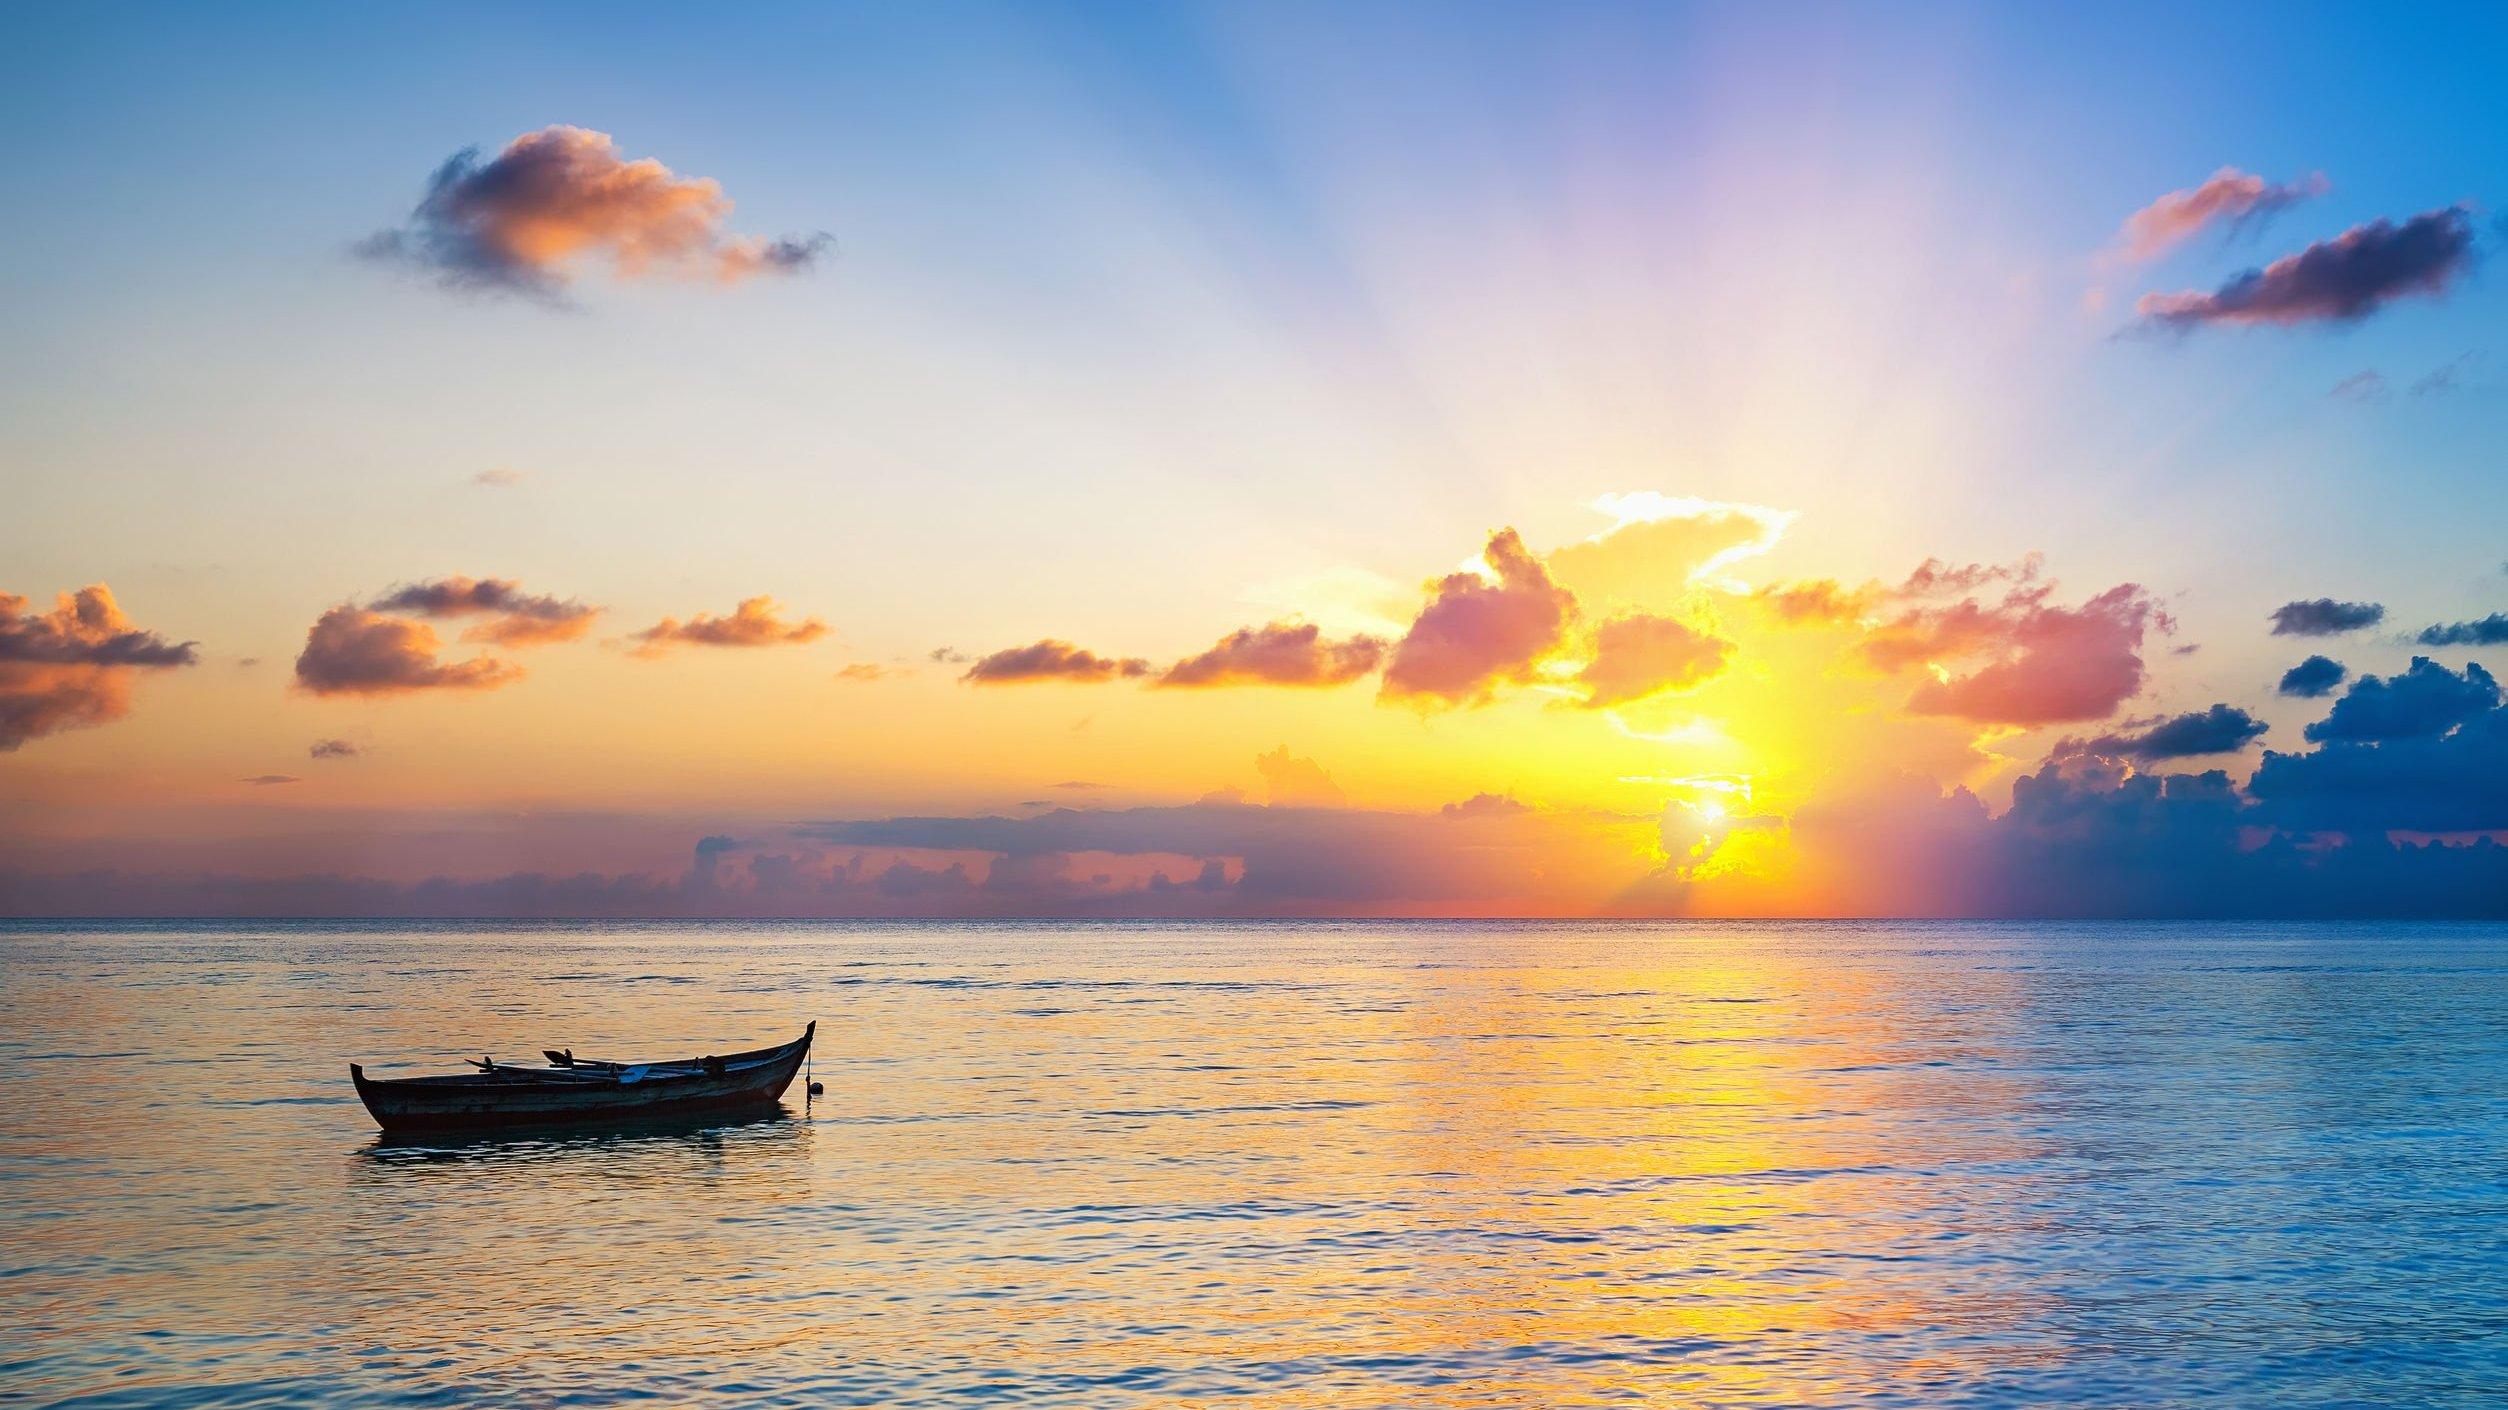 Silhueta de barco no mar